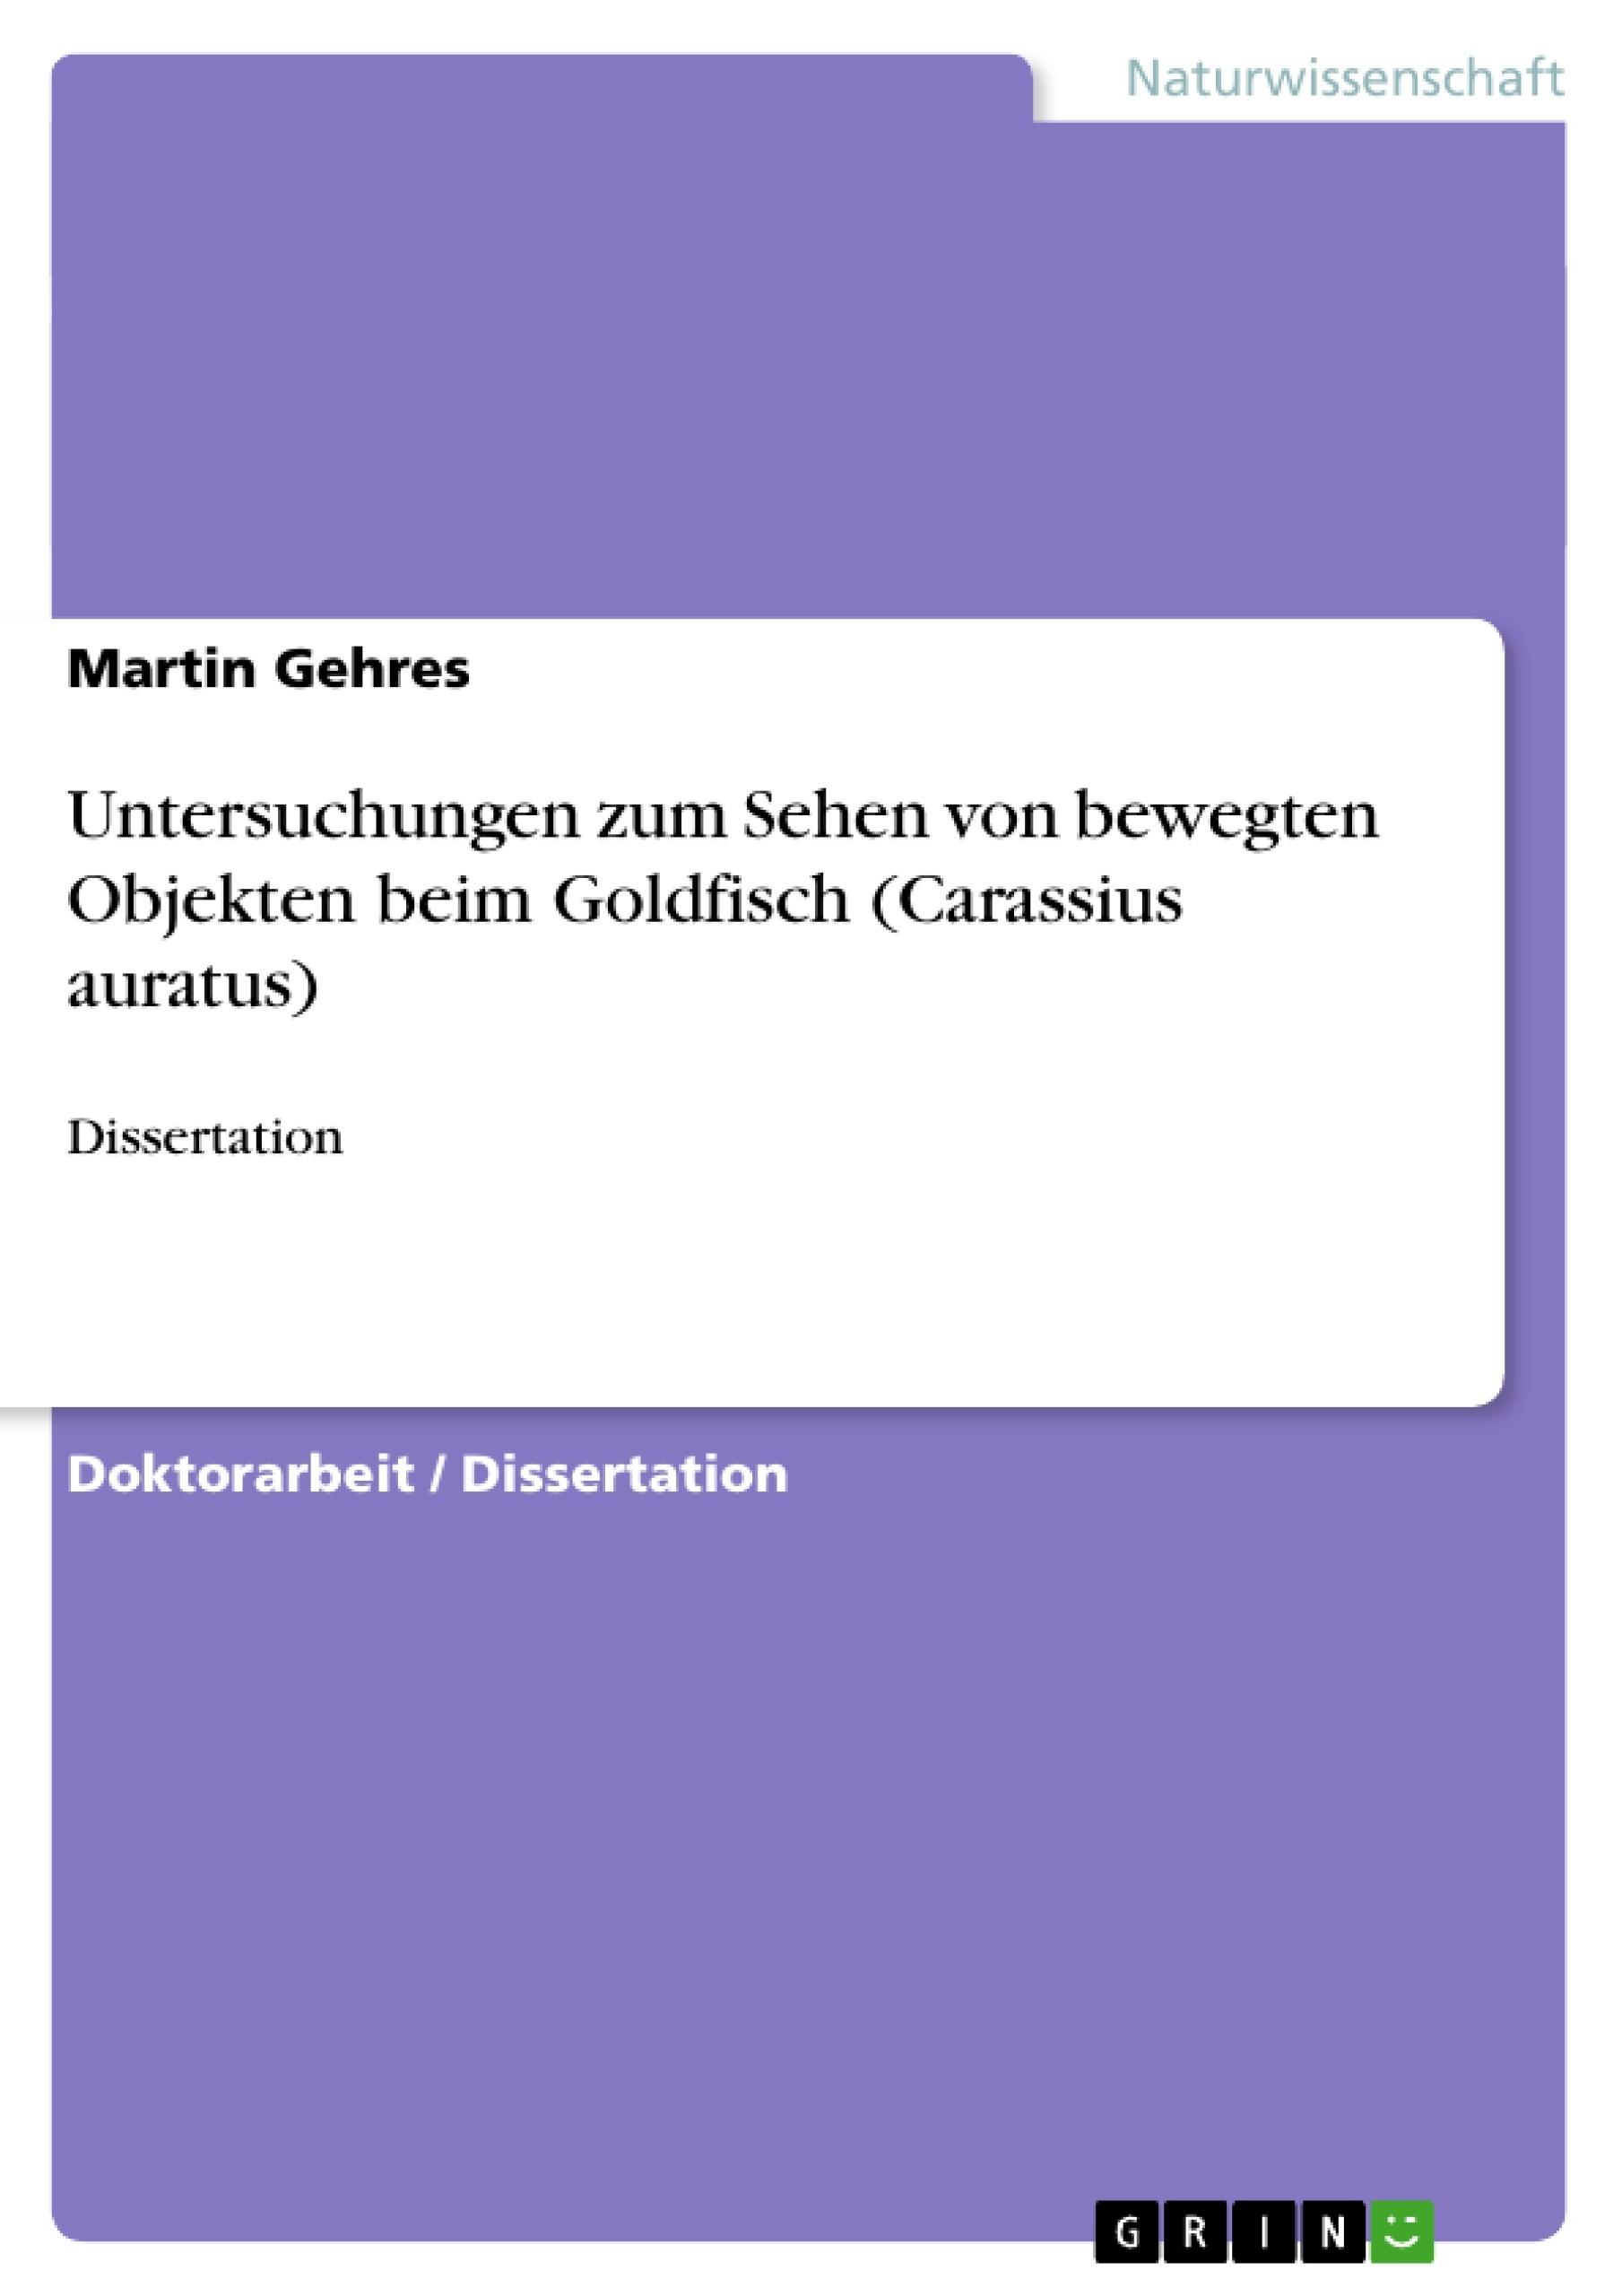 Titel: Untersuchungen zum Sehen von bewegten Objekten beim Goldfisch (Carassius auratus)